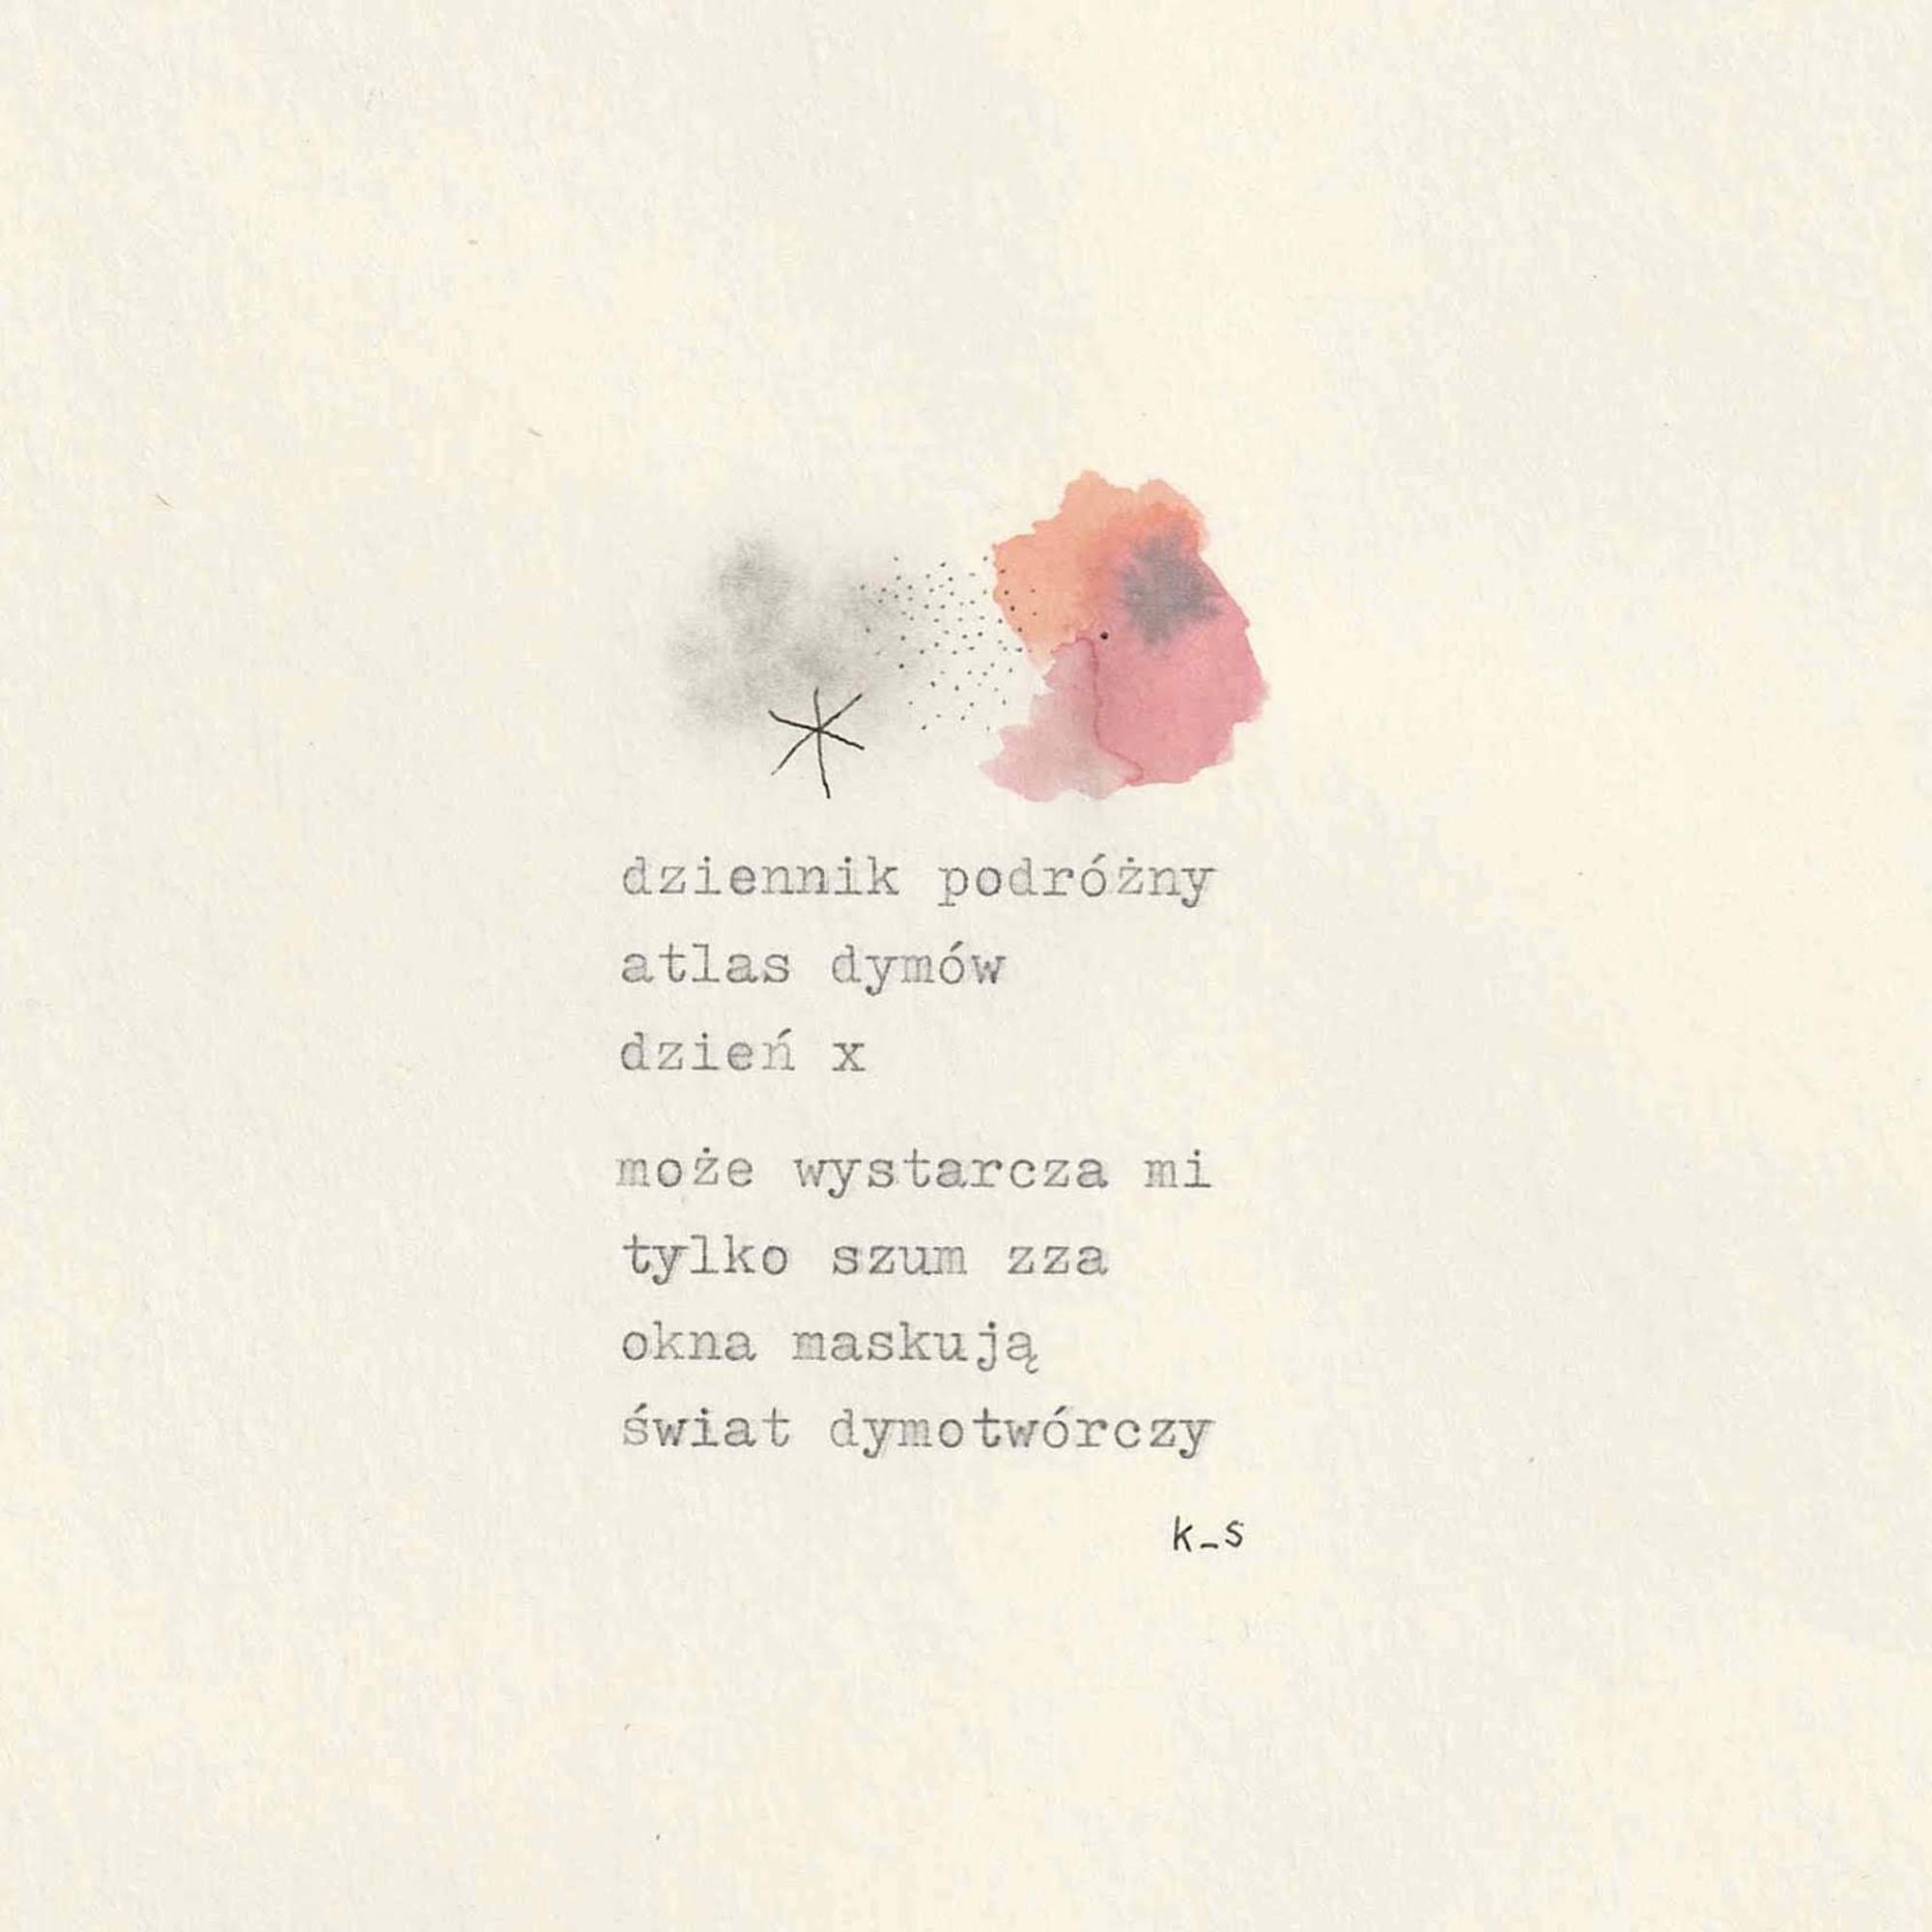 Karla Szyma - 182